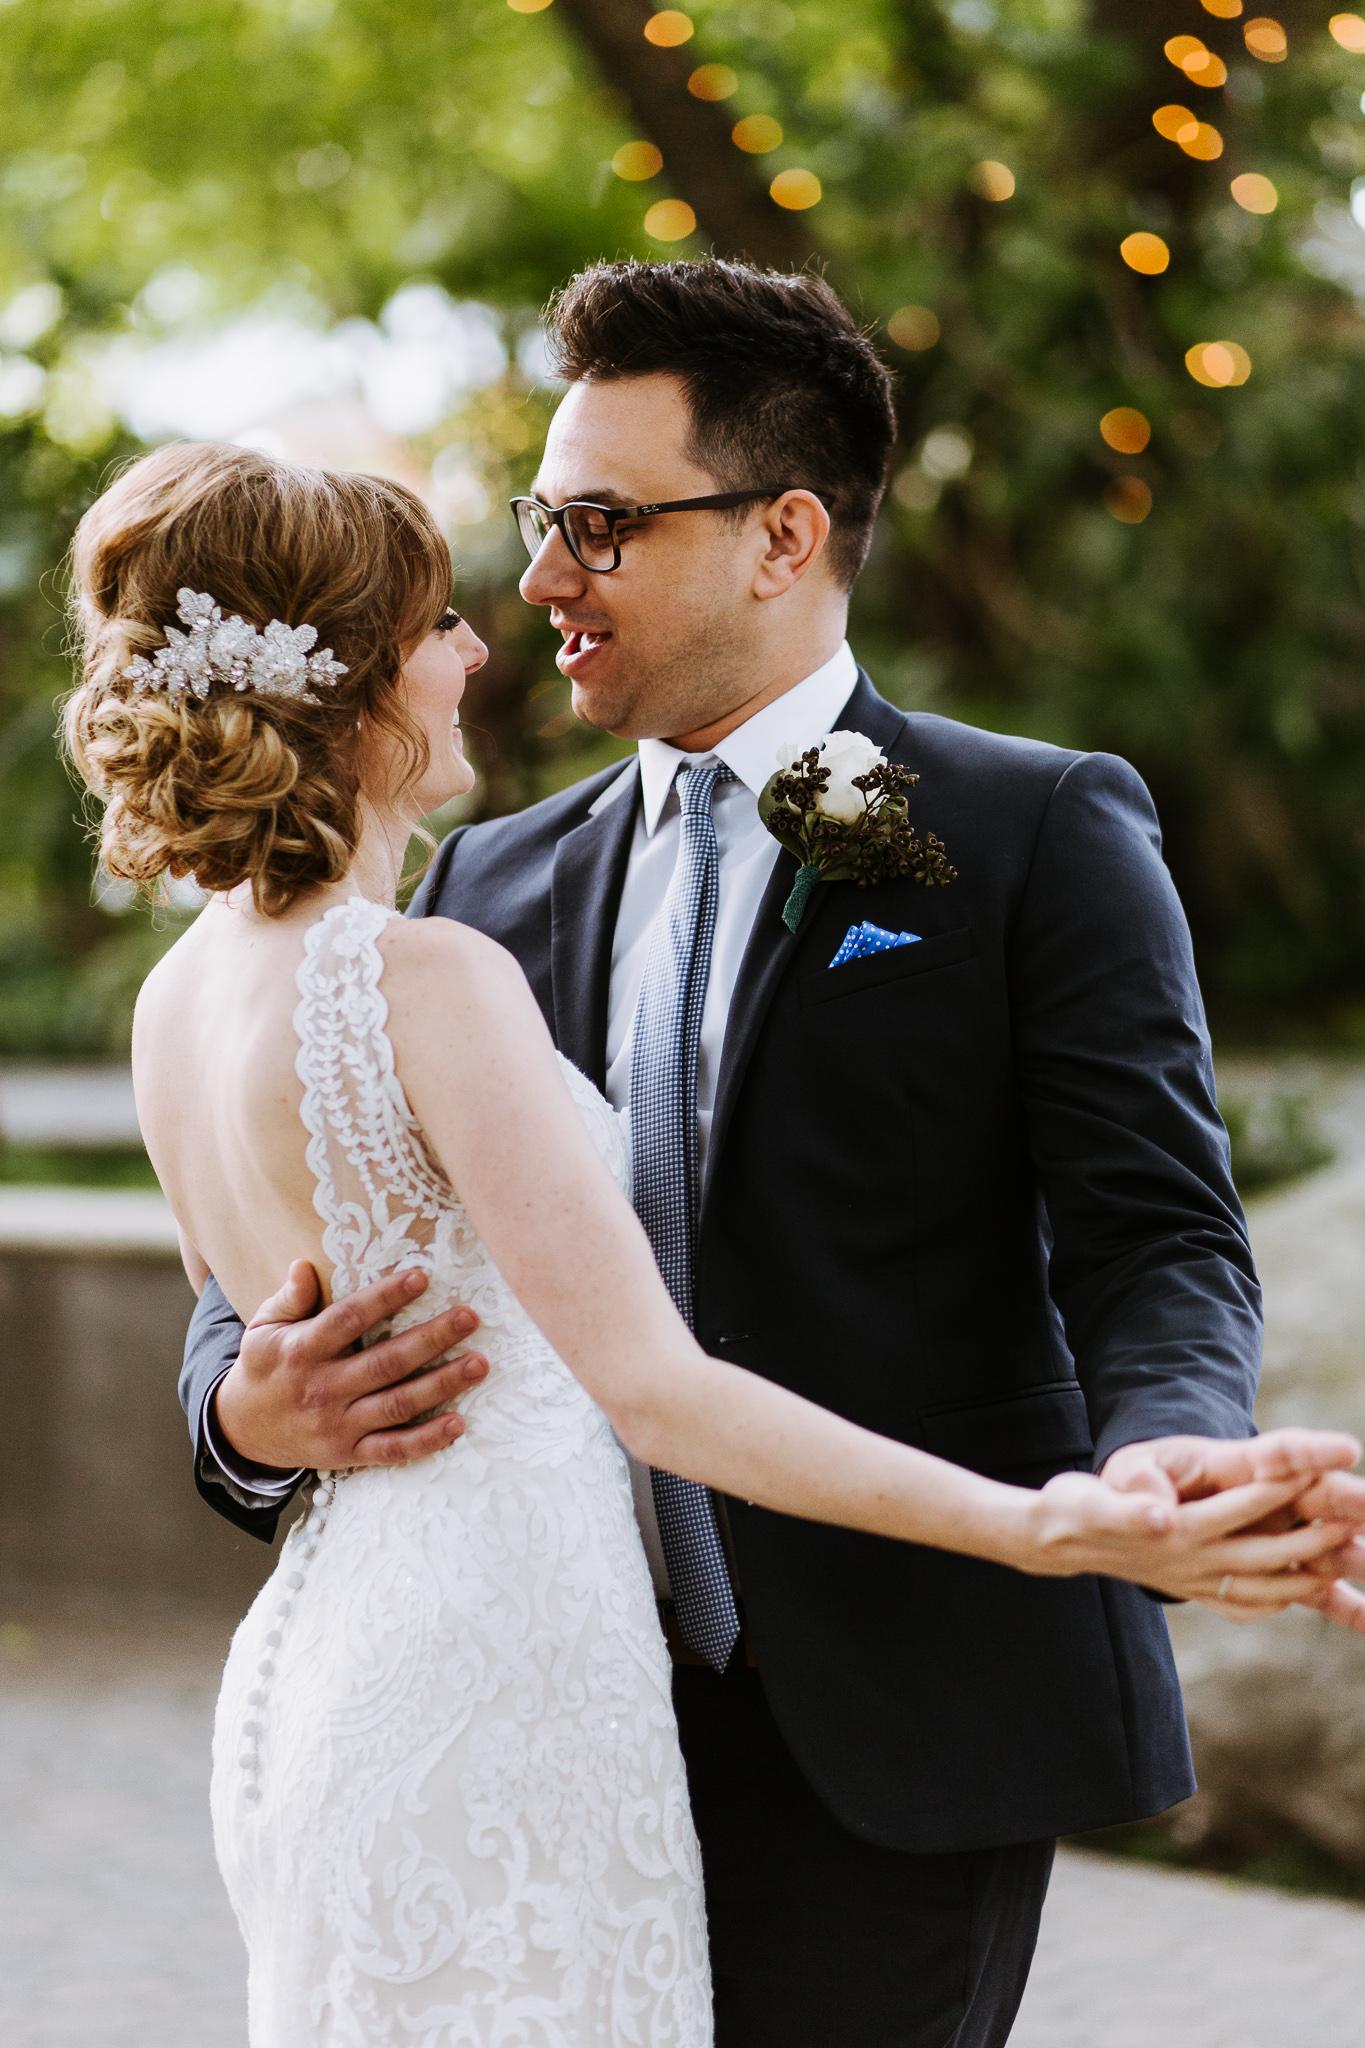 BayArea-Wedding-Photographer-59.jpg